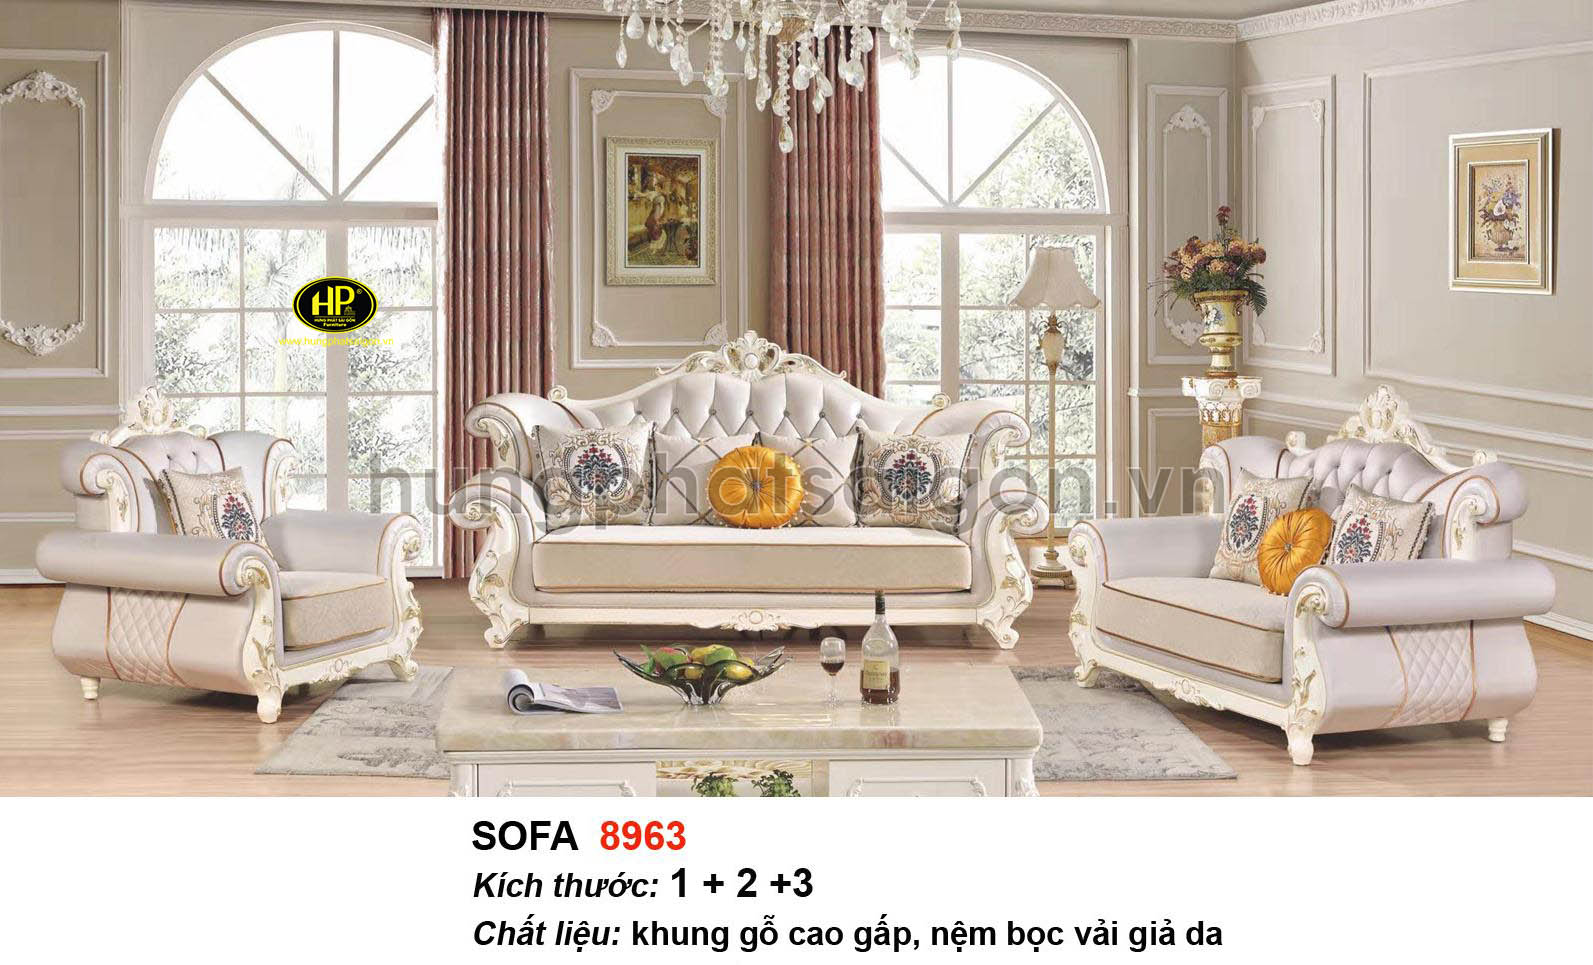 con đường nội thất sài gòn mua ghế sofa chất lượng